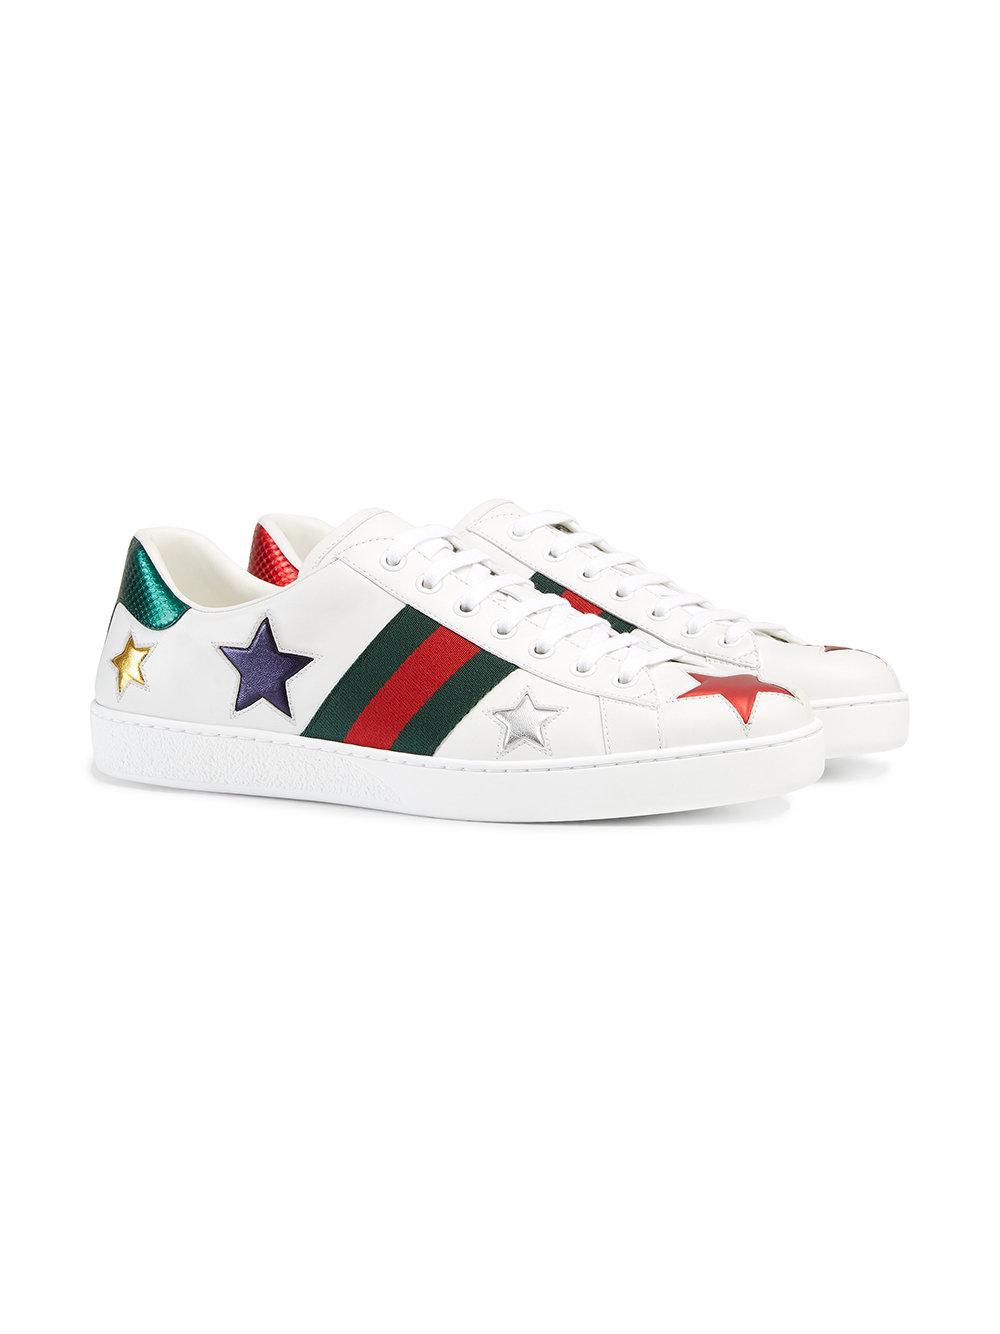 0ad4542cb5a Gucci Sneaker Bassa  ace  in White for Men - Lyst